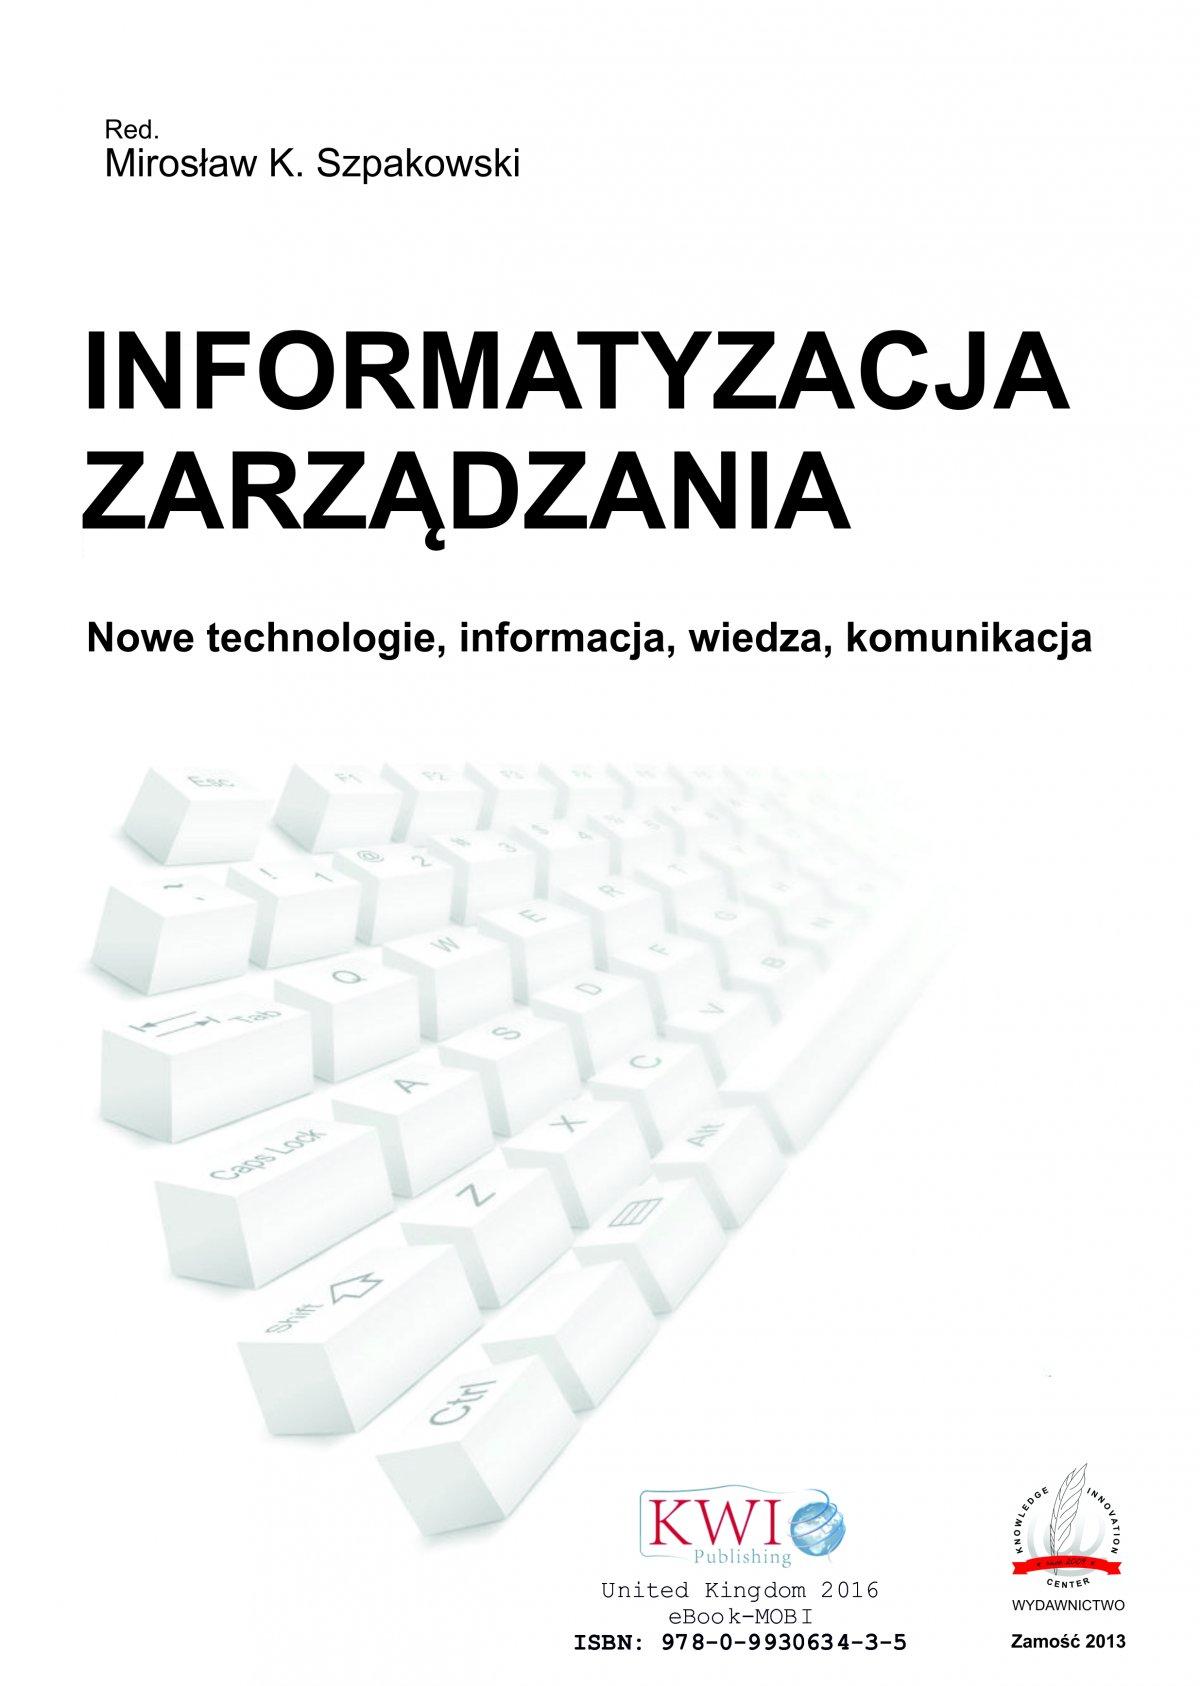 Informatyzacja zarządzania. Nowe technologie, informacja, wiedza, komunikacja - Ebook (Książka na Kindle) do pobrania w formacie MOBI